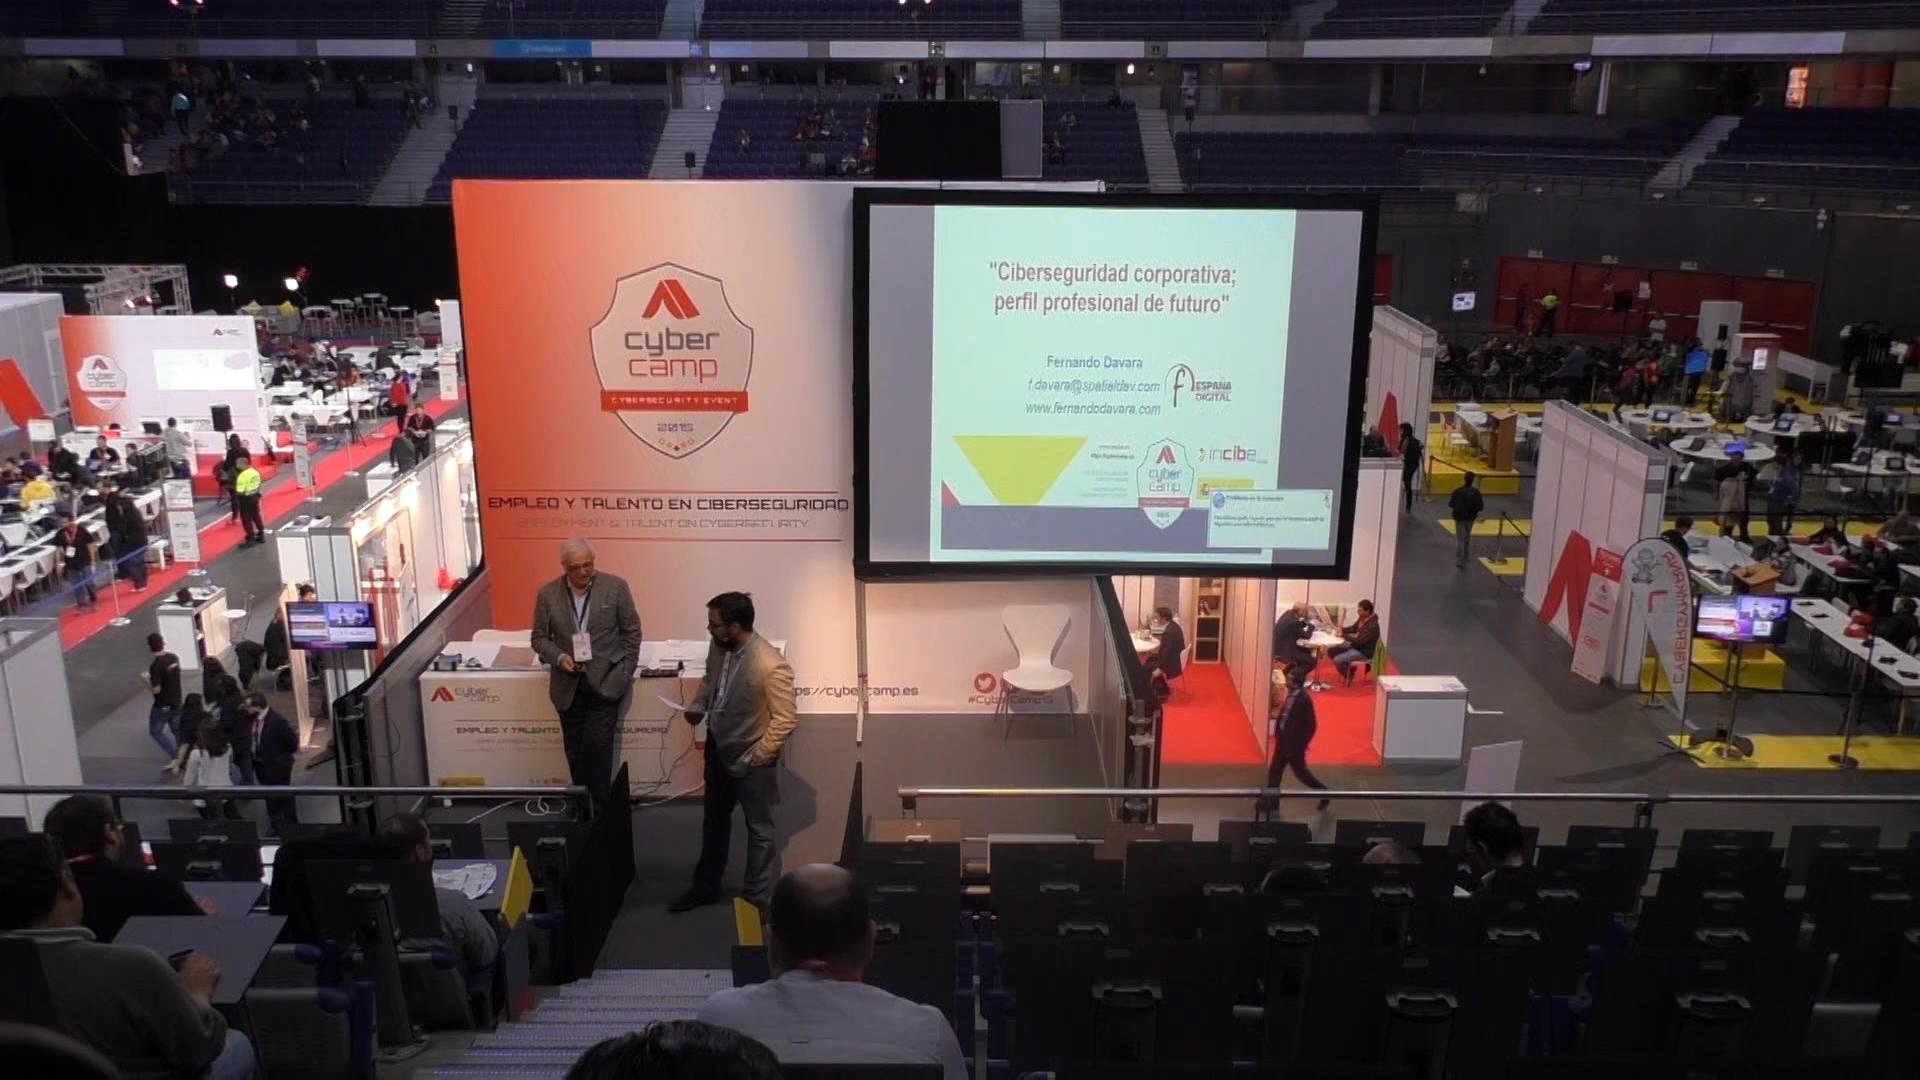 Aucal participa en Cybercamp 2015, una cita destacada en ciberseguridad